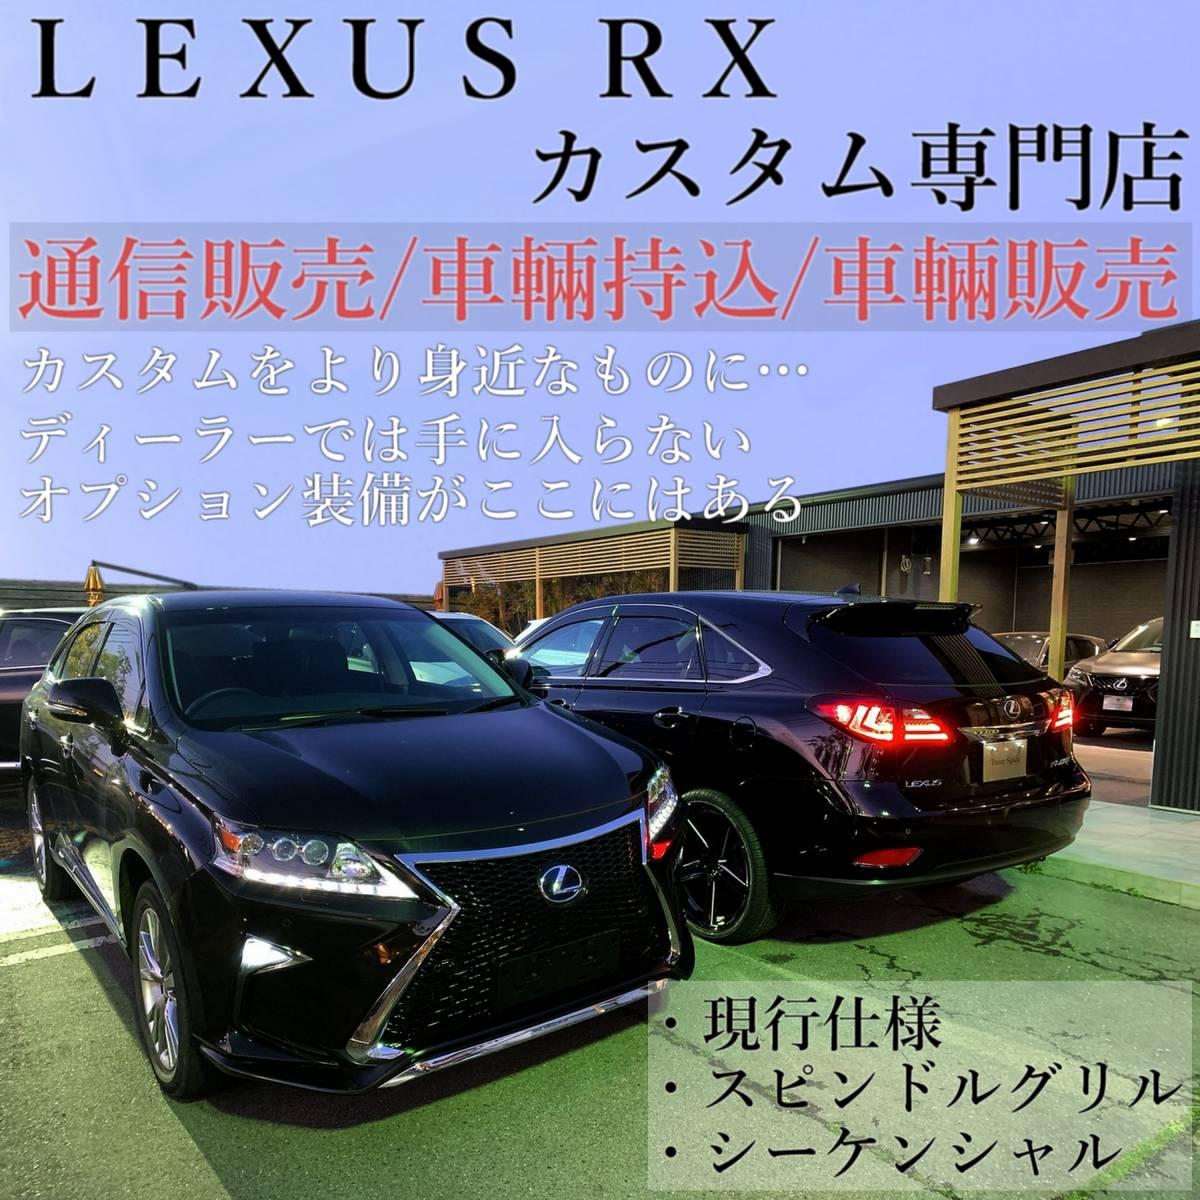 レクサス RX 10系用 20系仕様 流れるウィンカー テール シーケンシャルウィンカー lexus AGL10 GGL10 GGL15 GYL10 GYL15 GYL16 CONSERX_画像1